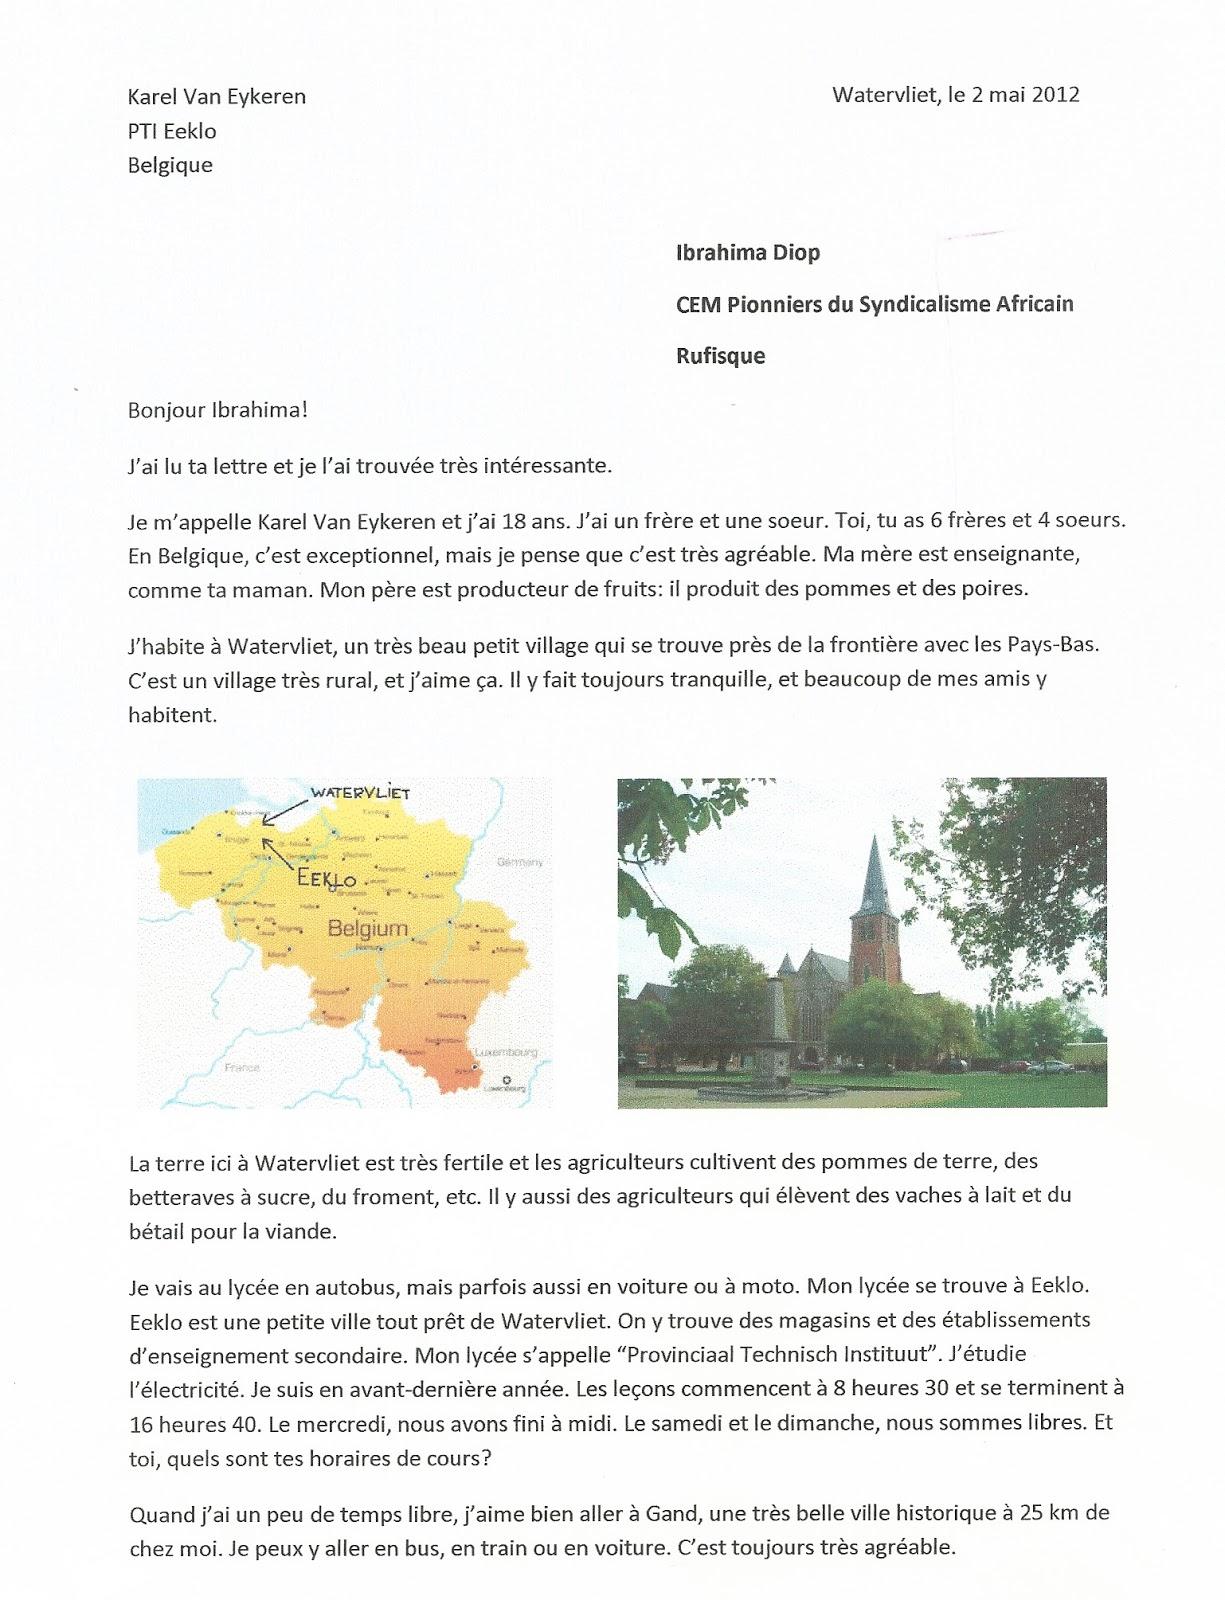 Arbre D'afrique En 4 Lettres : arbre, d'afrique, lettres, Baobab, éclos:, Premières, Correspondances